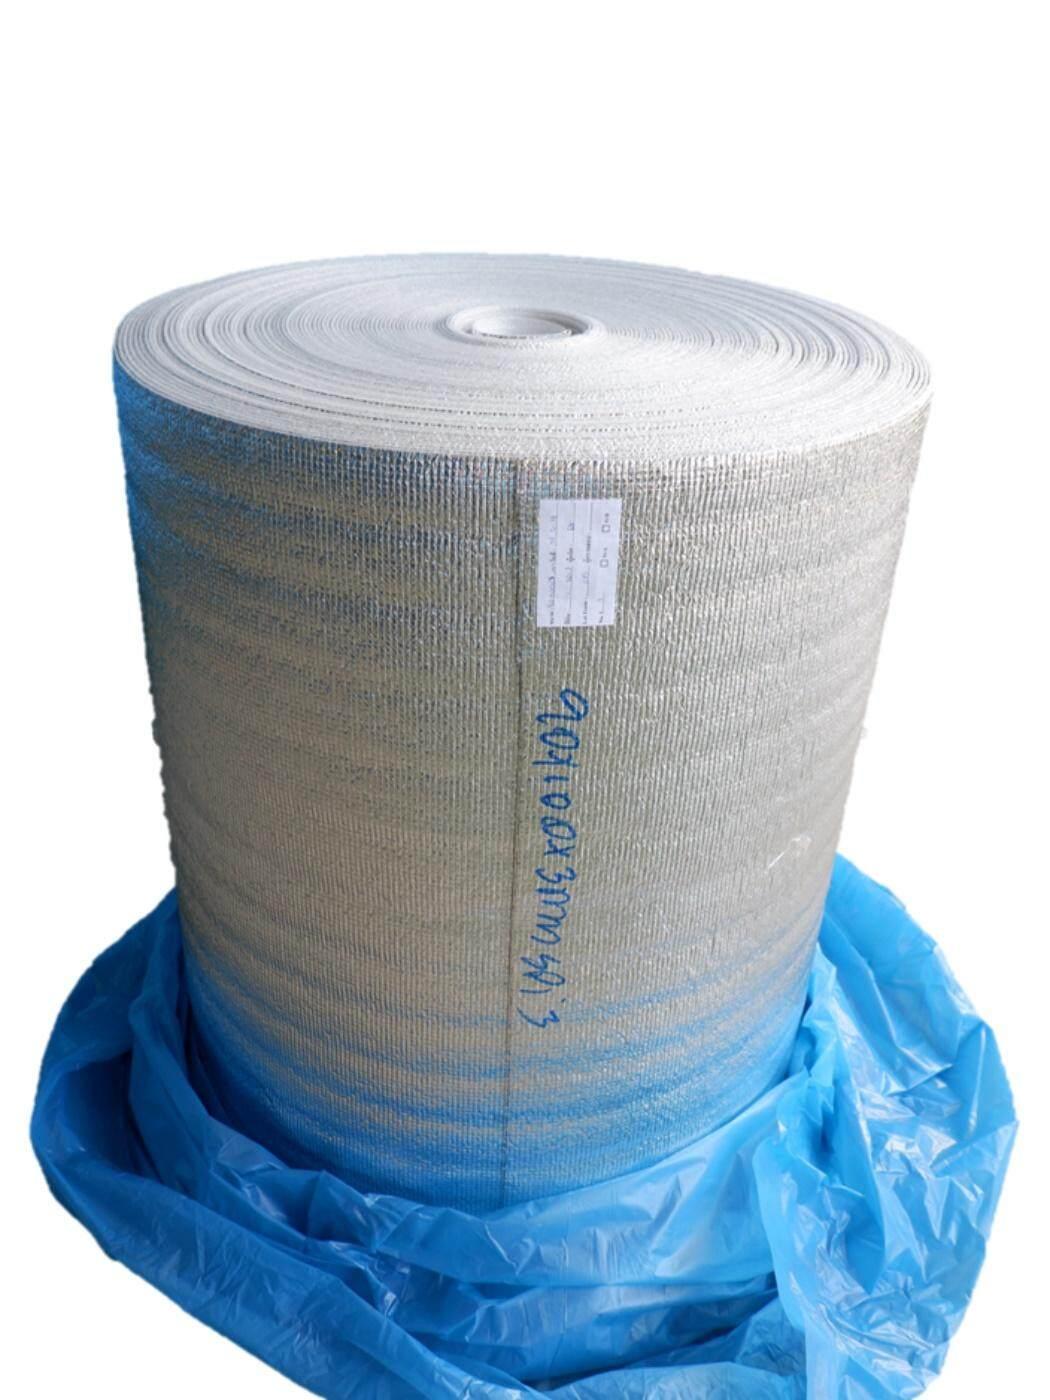 ฉนวนกันความร้อน PE เคลือบฟอยล์ลดความร้อน หนา 3mm กว้าง 90cm ยาว 50m (ส่งฟรี)Kerry แผ่นฉนวนกันความร้อน เก็บความเย็น แผ่นโฟมเคลือบฟอยล์ PE(Polyethylene) ขนาด 3mm x 90cm x 50m